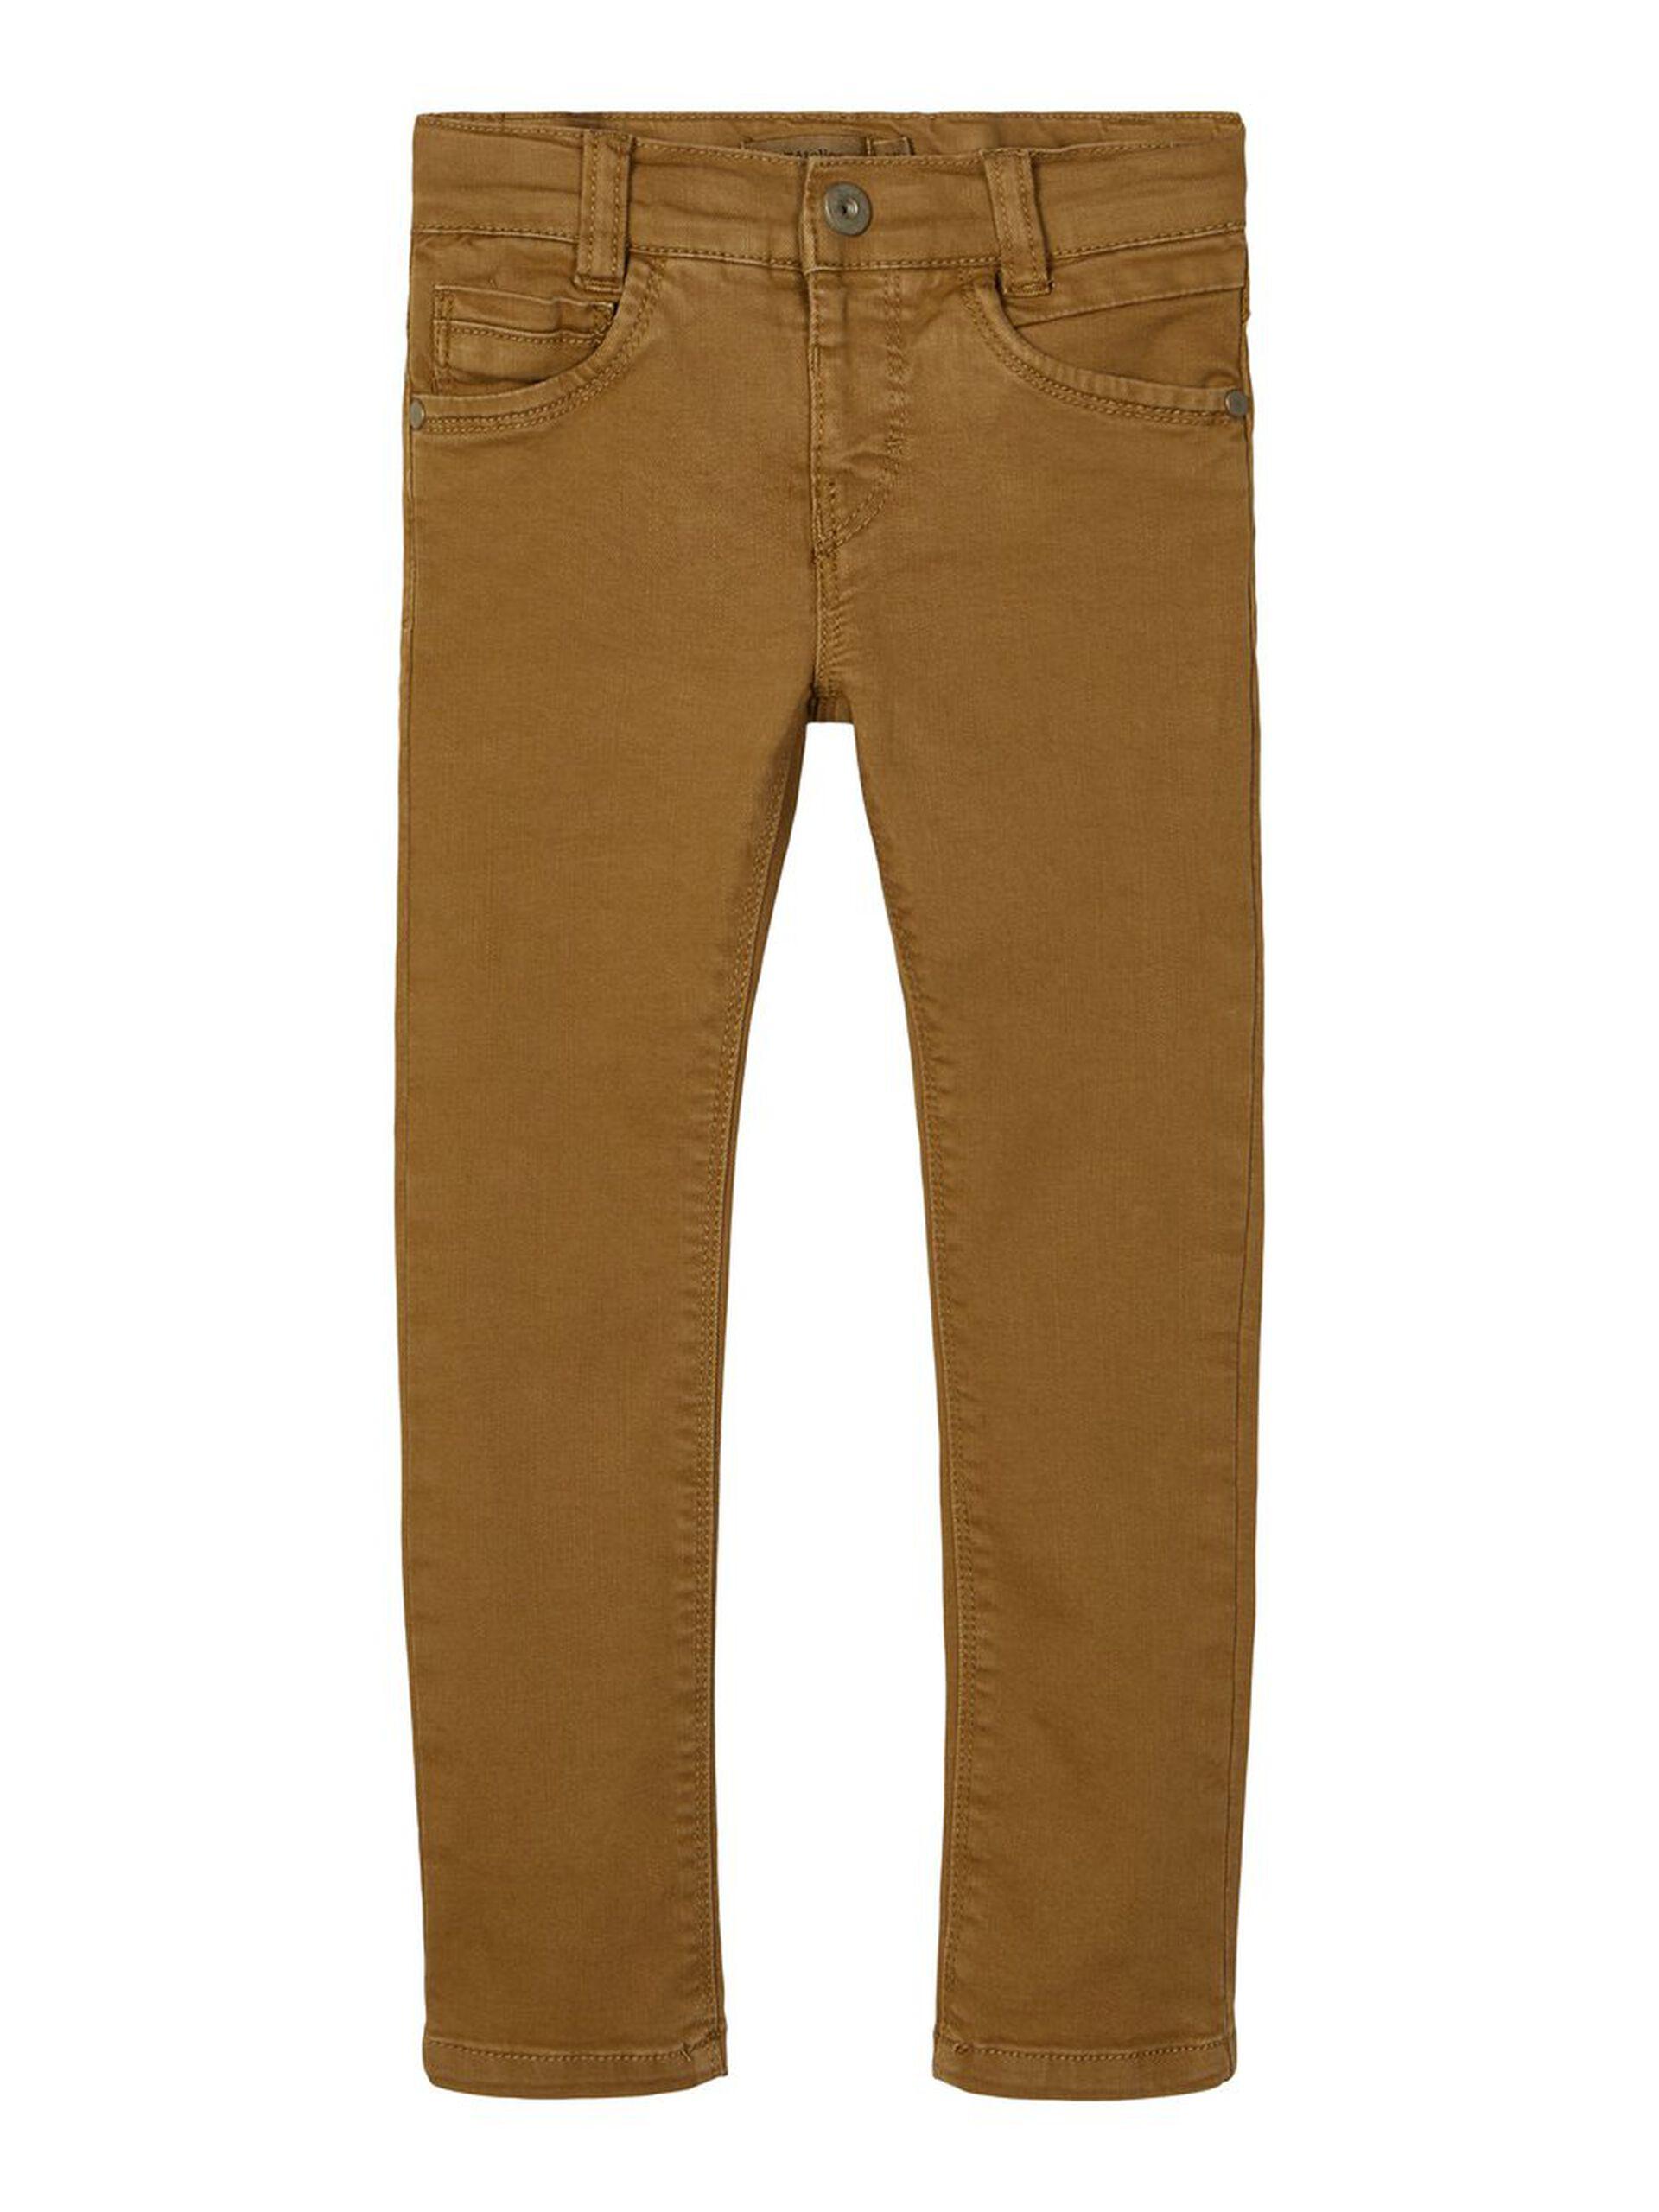 Lil`Atelier grønn bukse